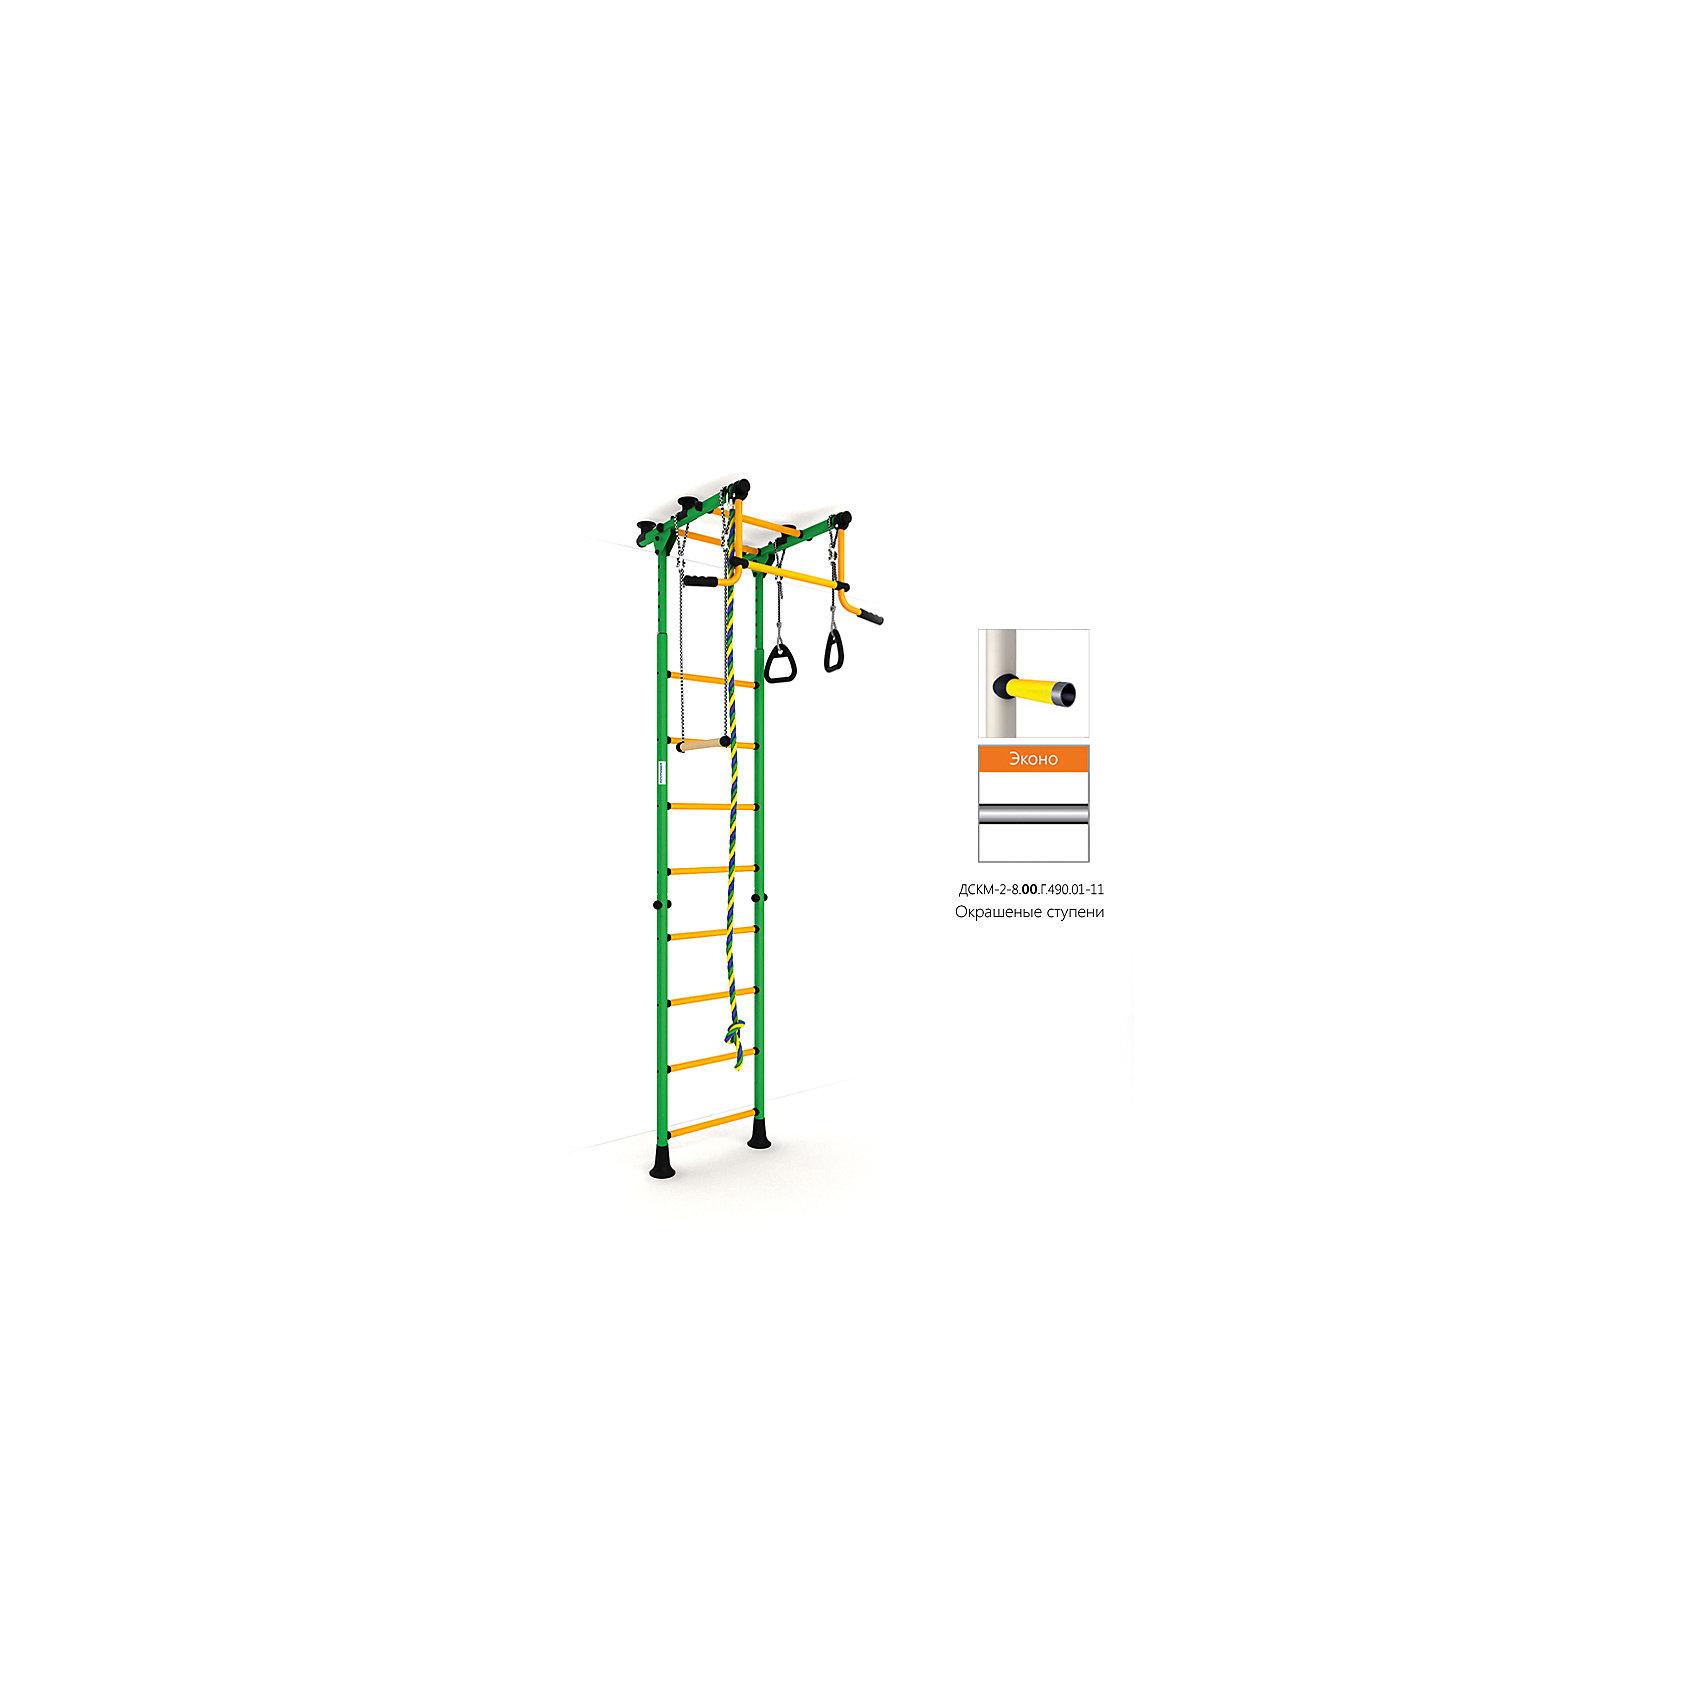 Шведская лестница Комета-2 Эконо, зеленый-желтыйШведские стенки<br>Вариант РОМАНА Карусель Комета-2 с окрашенными ступенями, без дополнительного покрытия – ЭКОНО<br><br>Ширина мм: 1160<br>Глубина мм: 610<br>Высота мм: 140<br>Вес г: 26000<br>Возраст от месяцев: 36<br>Возраст до месяцев: 192<br>Пол: Унисекс<br>Возраст: Детский<br>SKU: 5251558